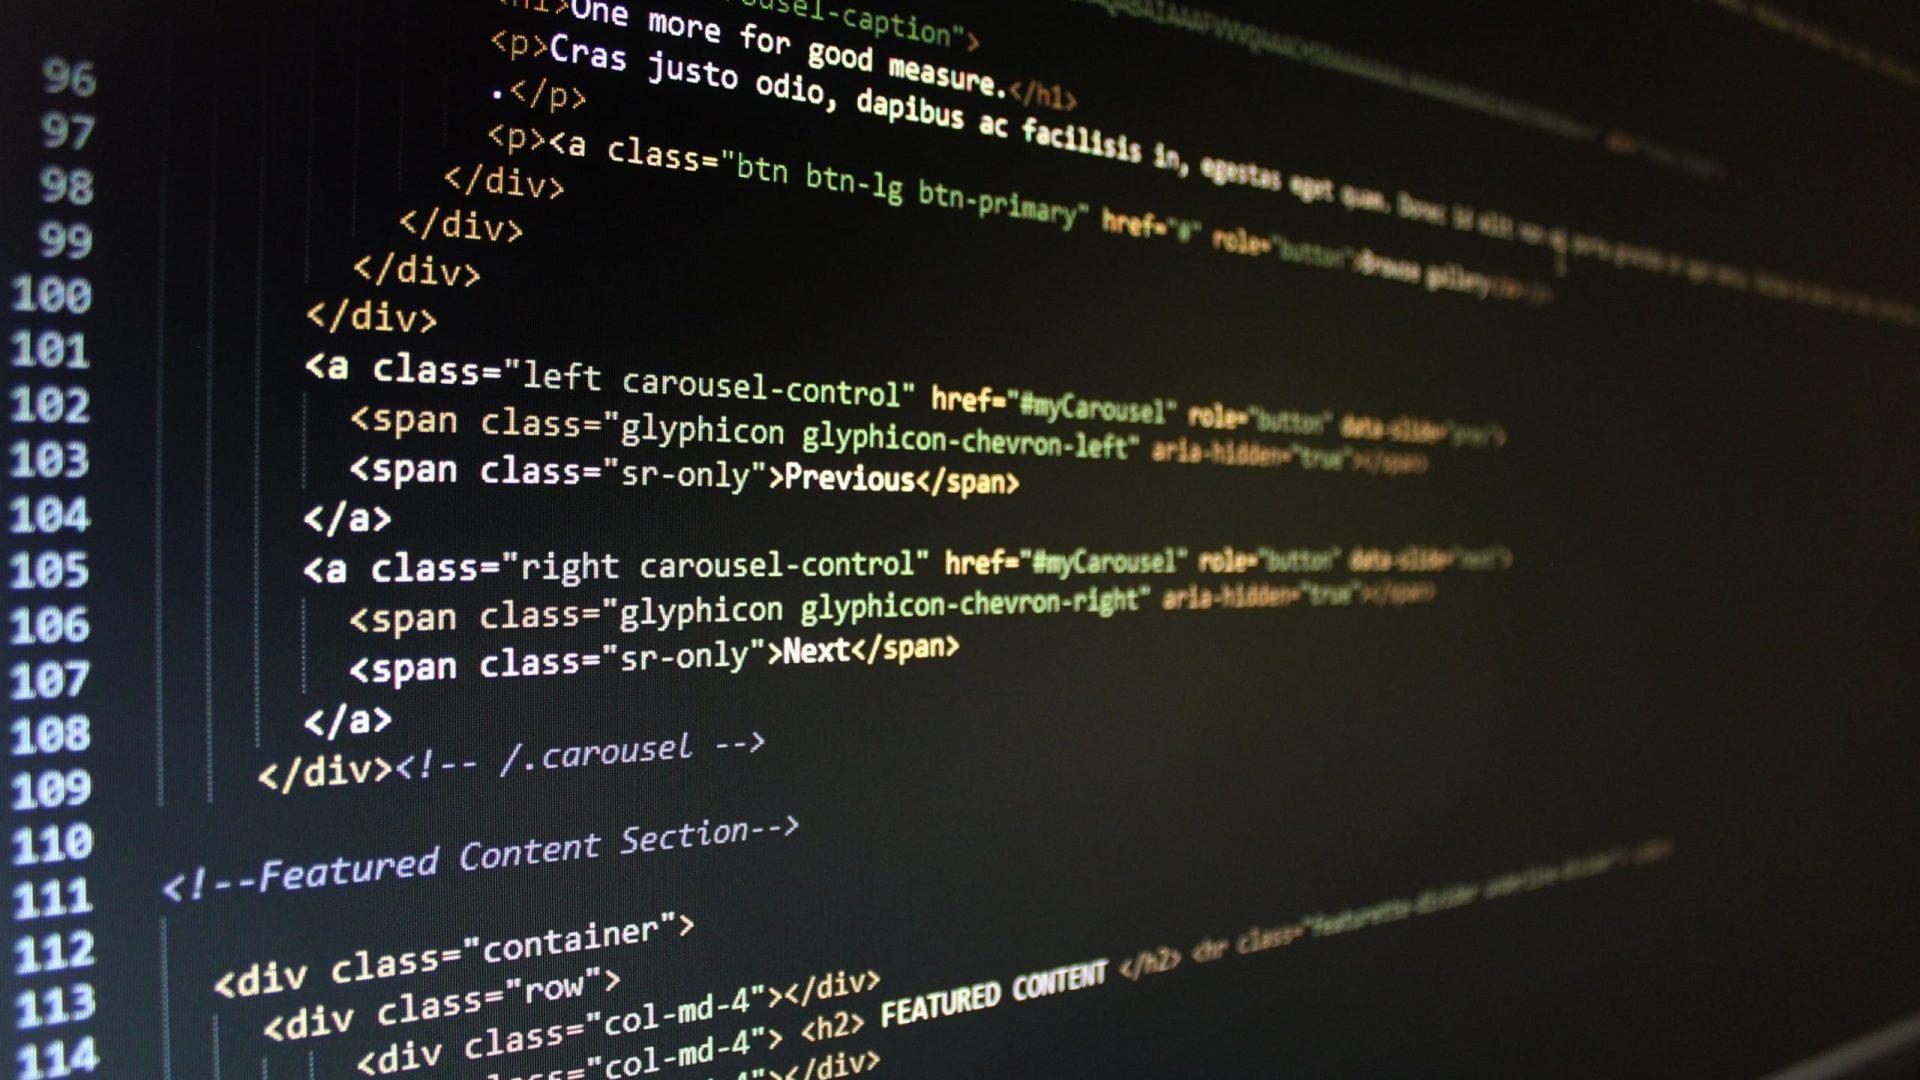 code symbolbild recode.law